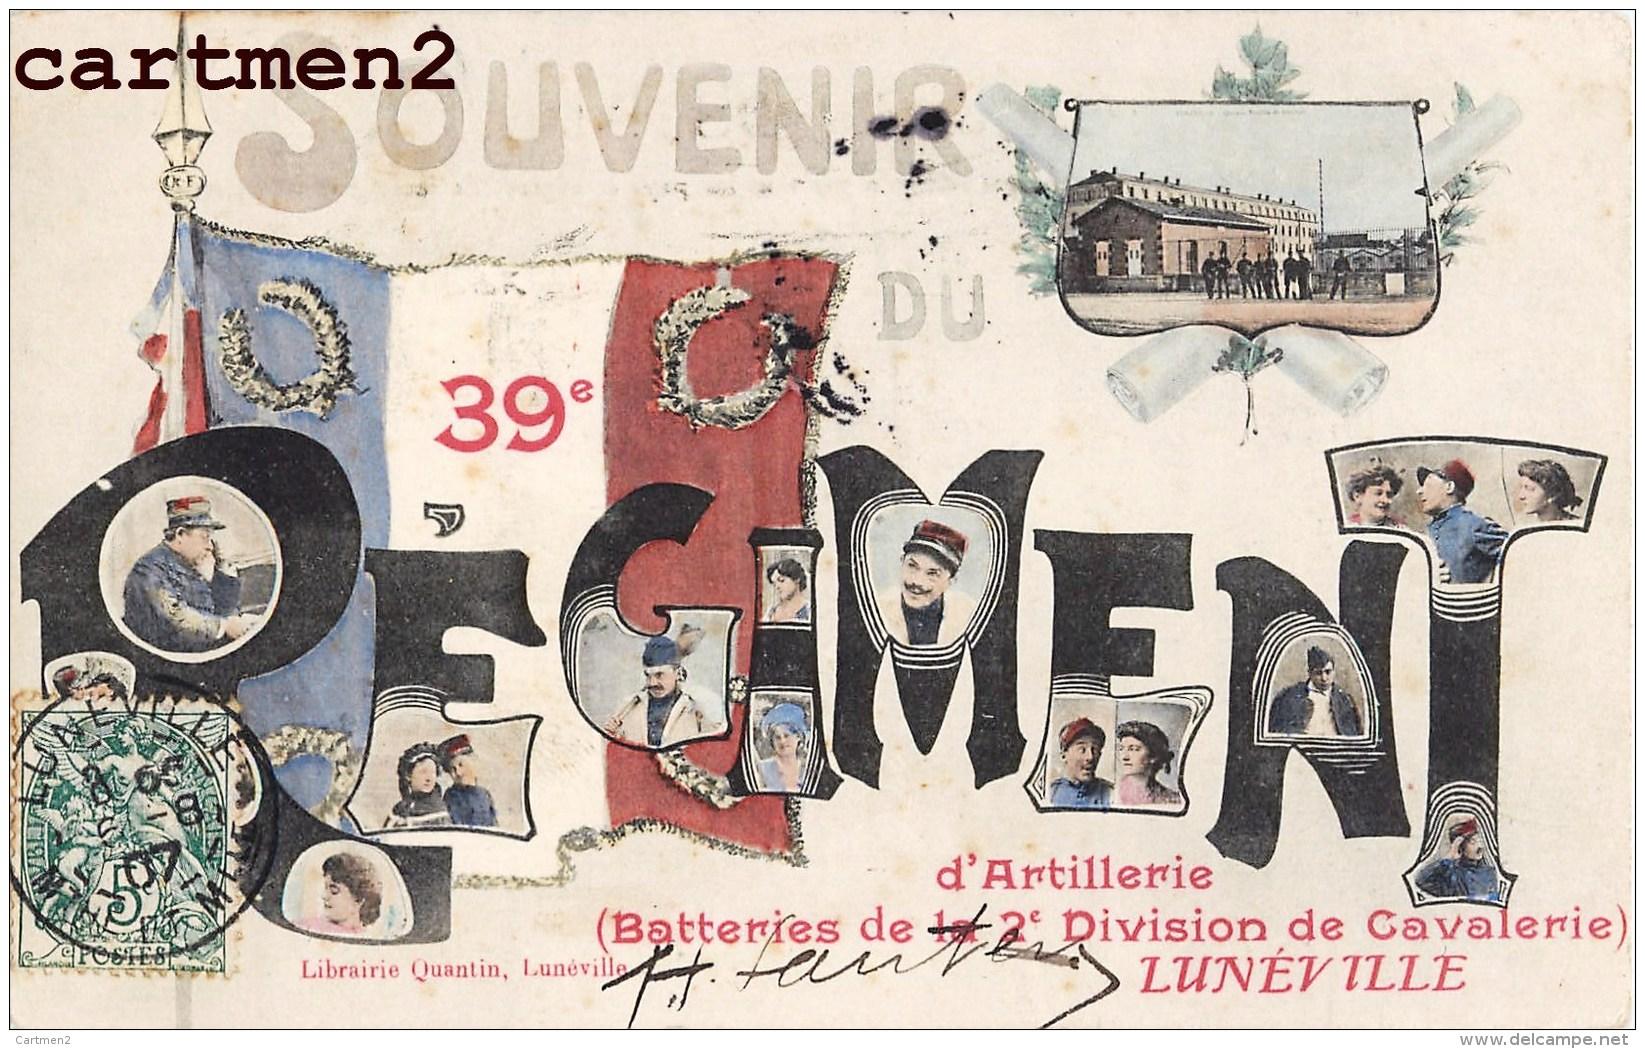 LUNEVILLE SOUVENIR DU 39e REGIMENT D'ARTILLERIE BATTERIES DE LA 2e DIVISION DE CAVALERIE GUERRE - Luneville